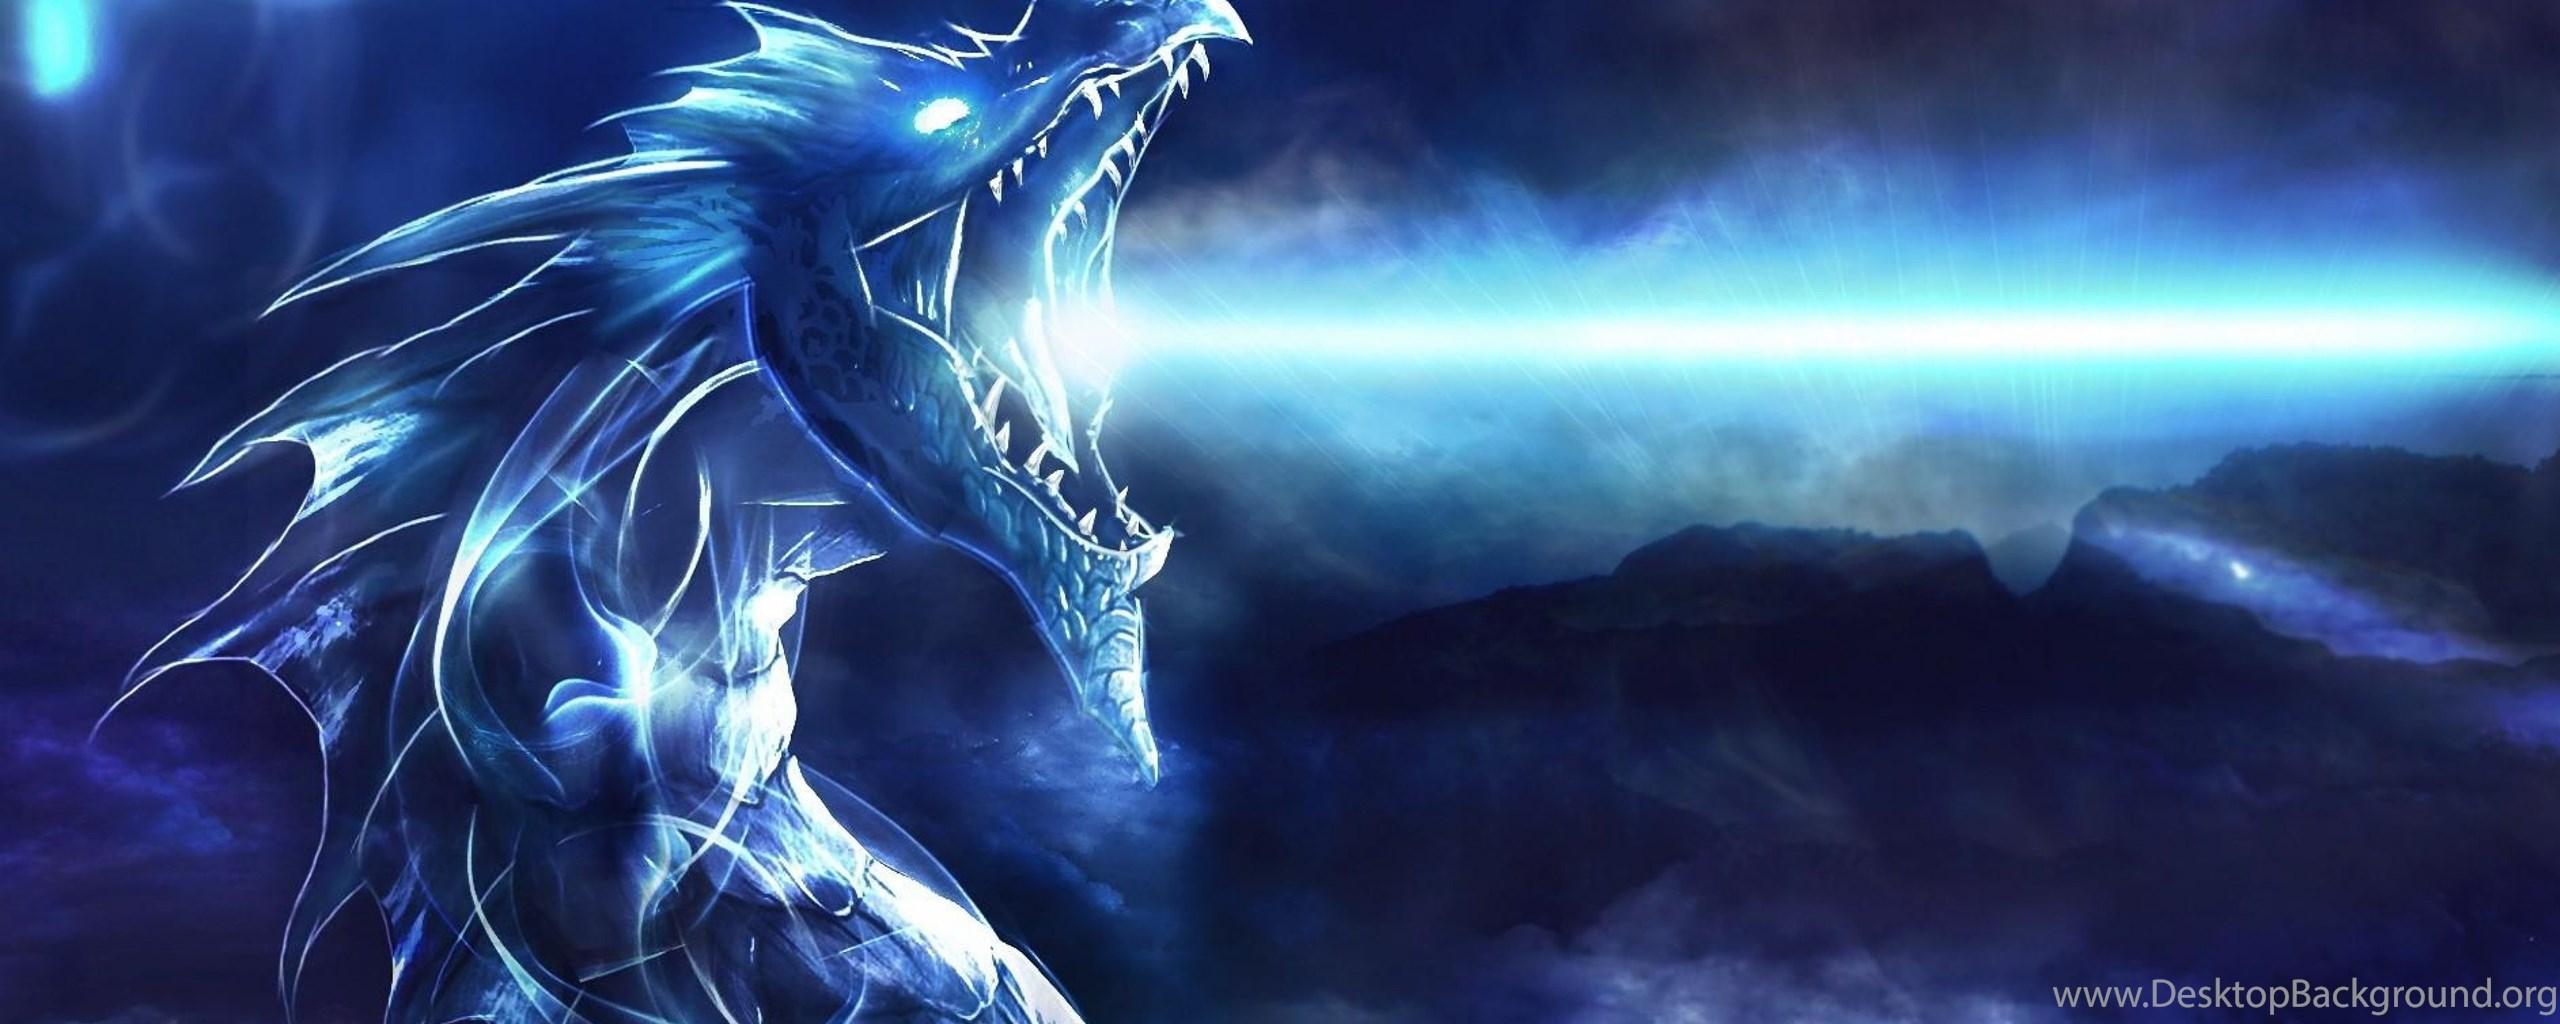 4K Ultra HD Dragon Wallpapers HD, Desktop Backgrounds